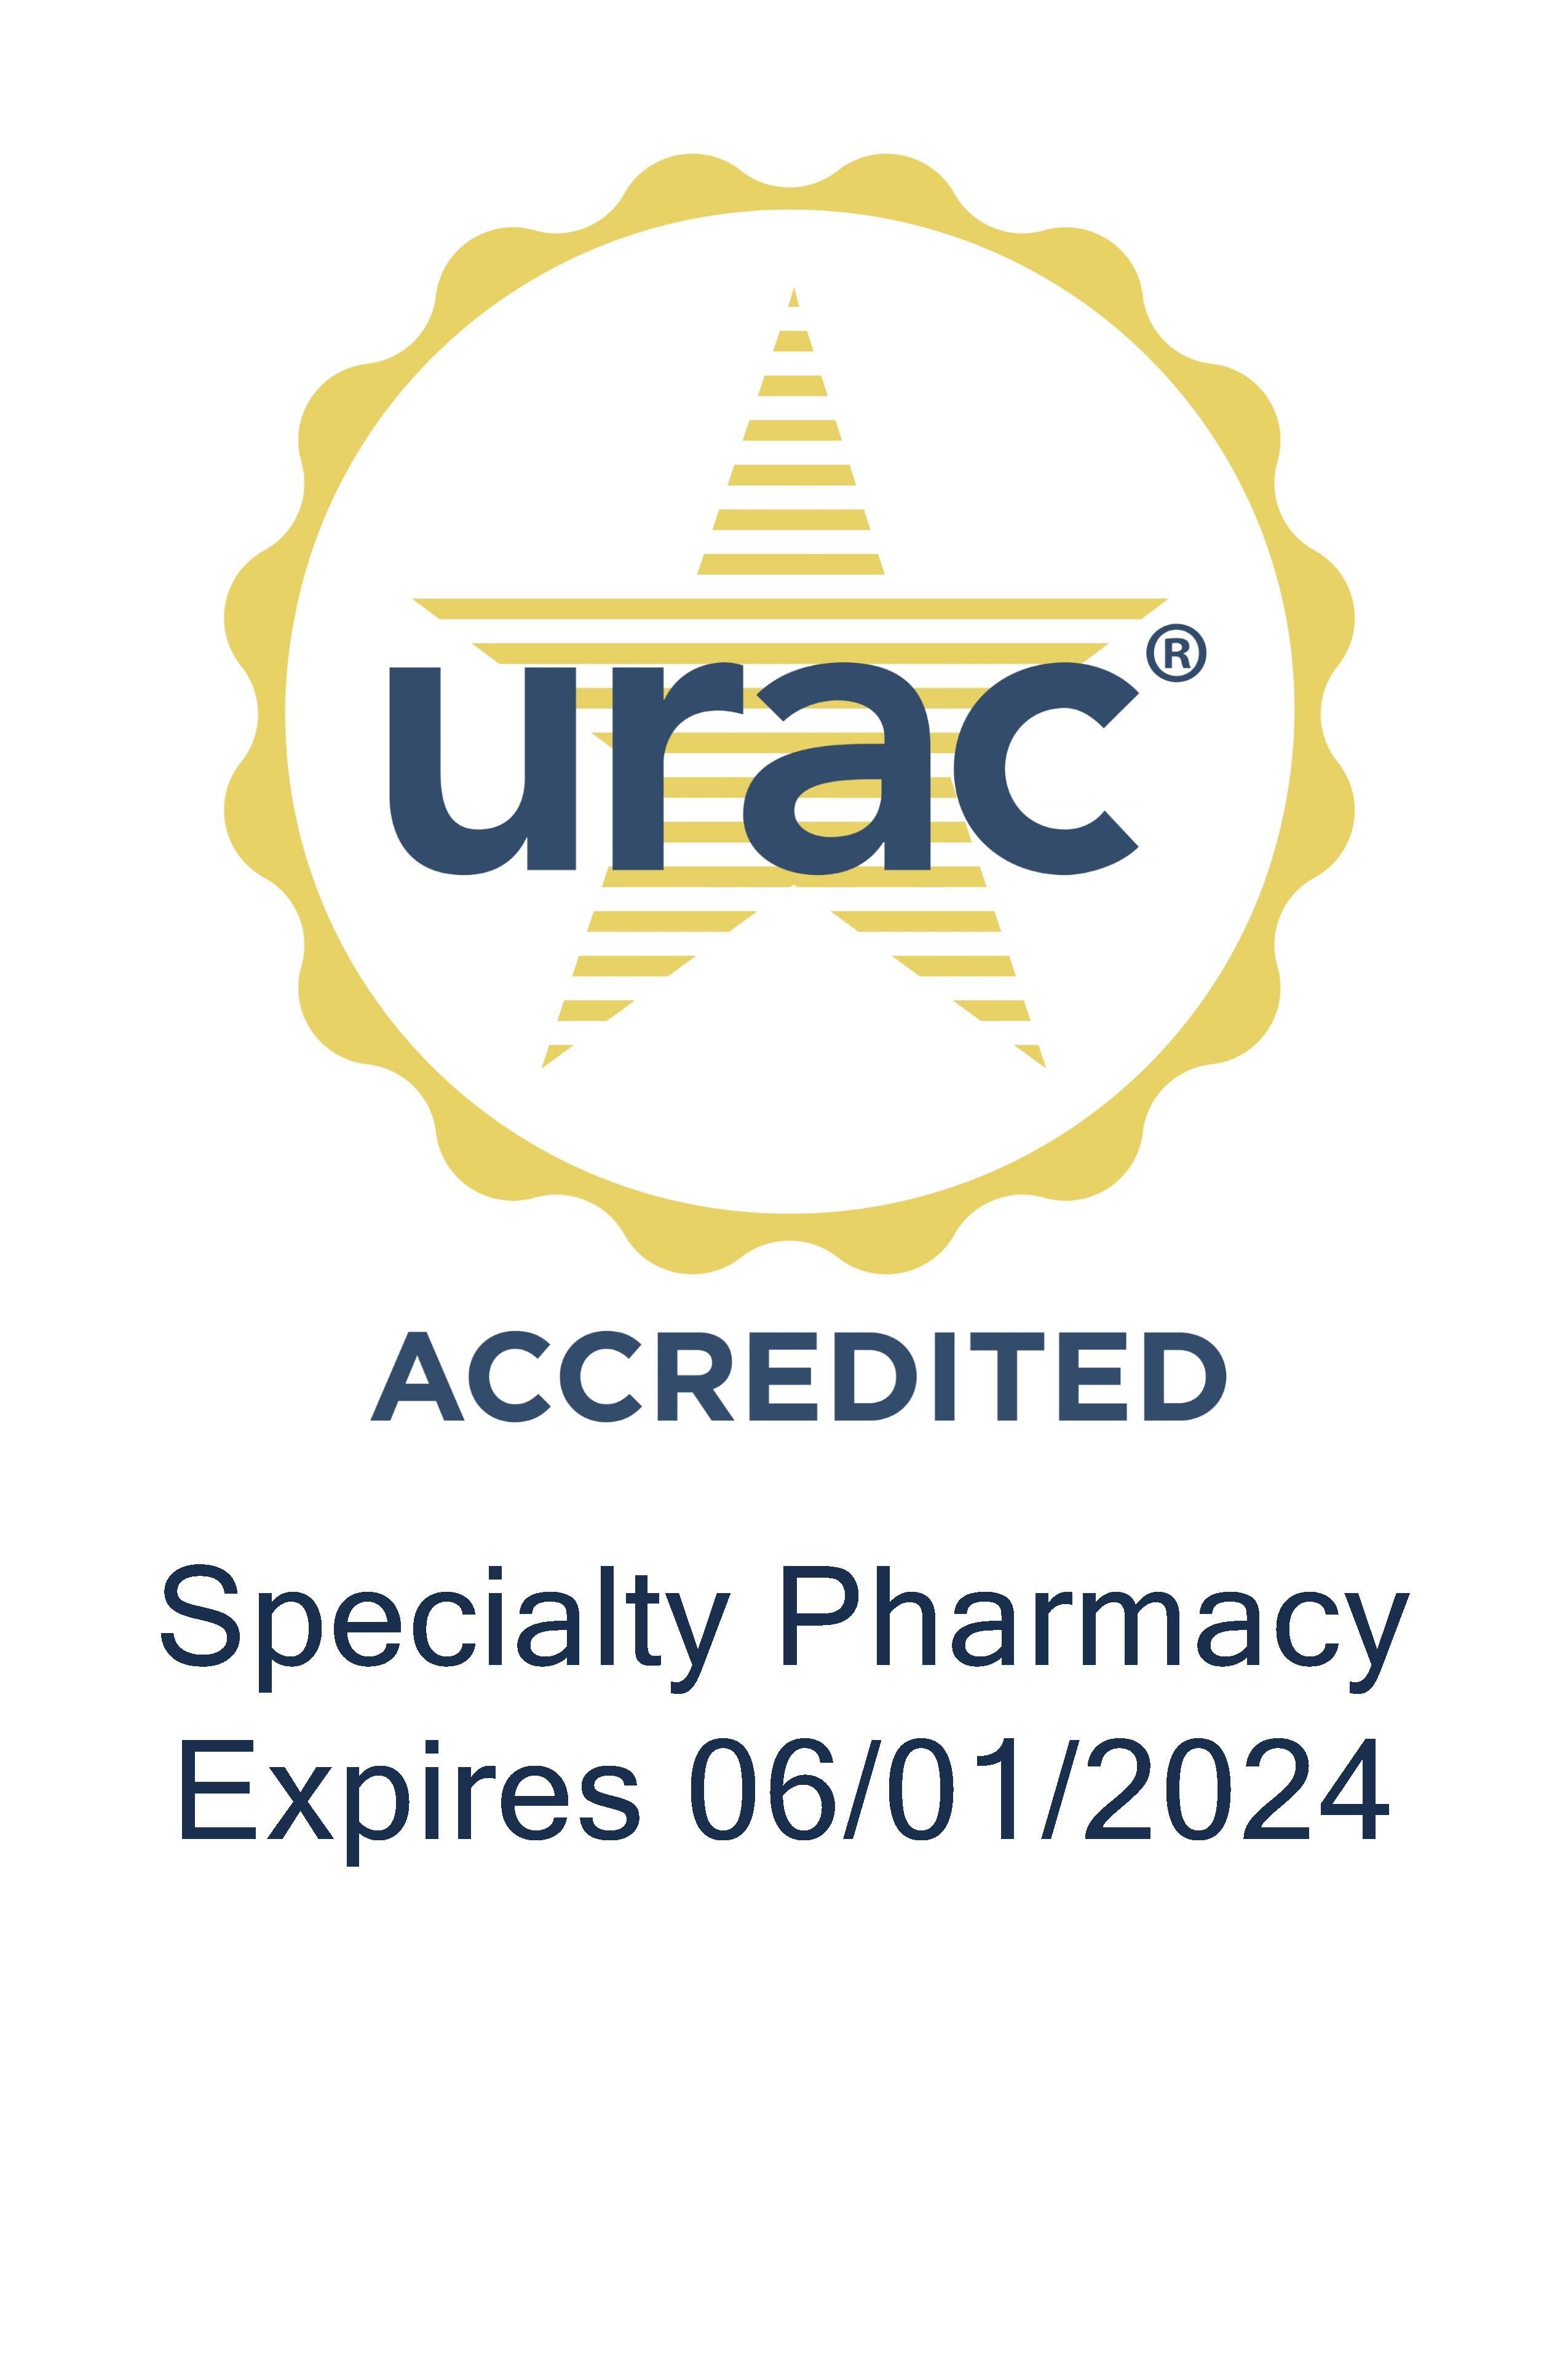 URAC Accreditation Image